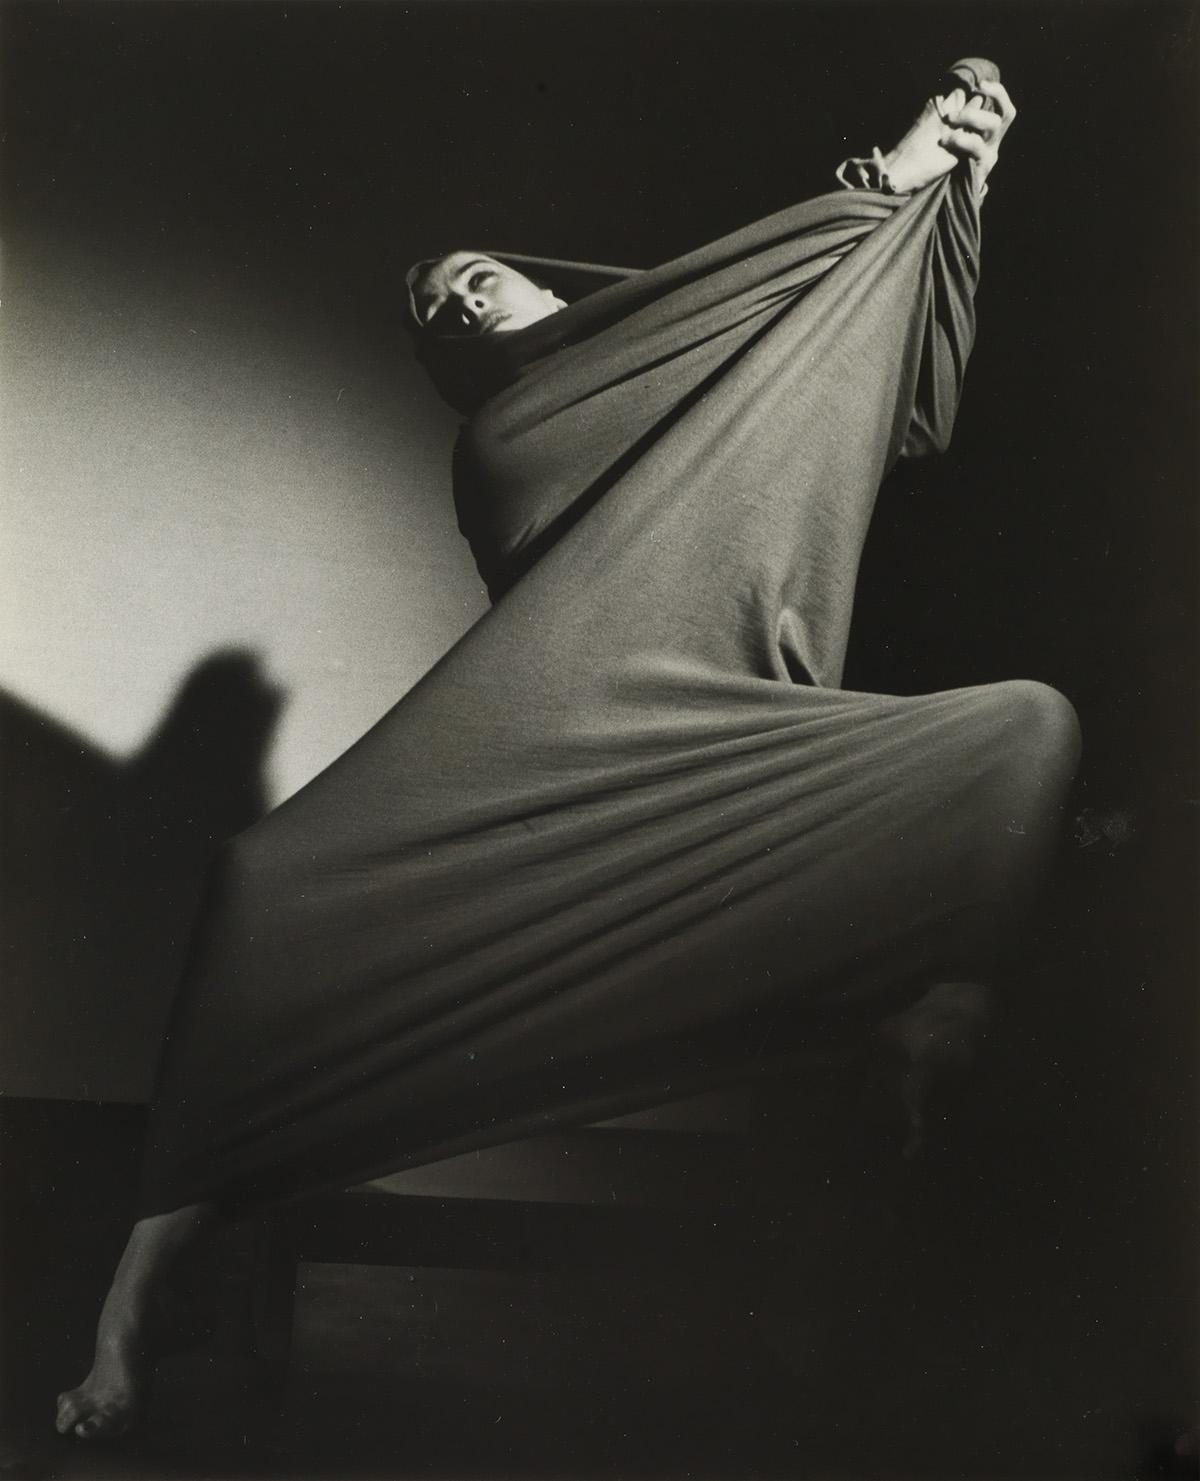 BARBARA MORGAN (1900-1992) Martha Graham performing Lamentation.